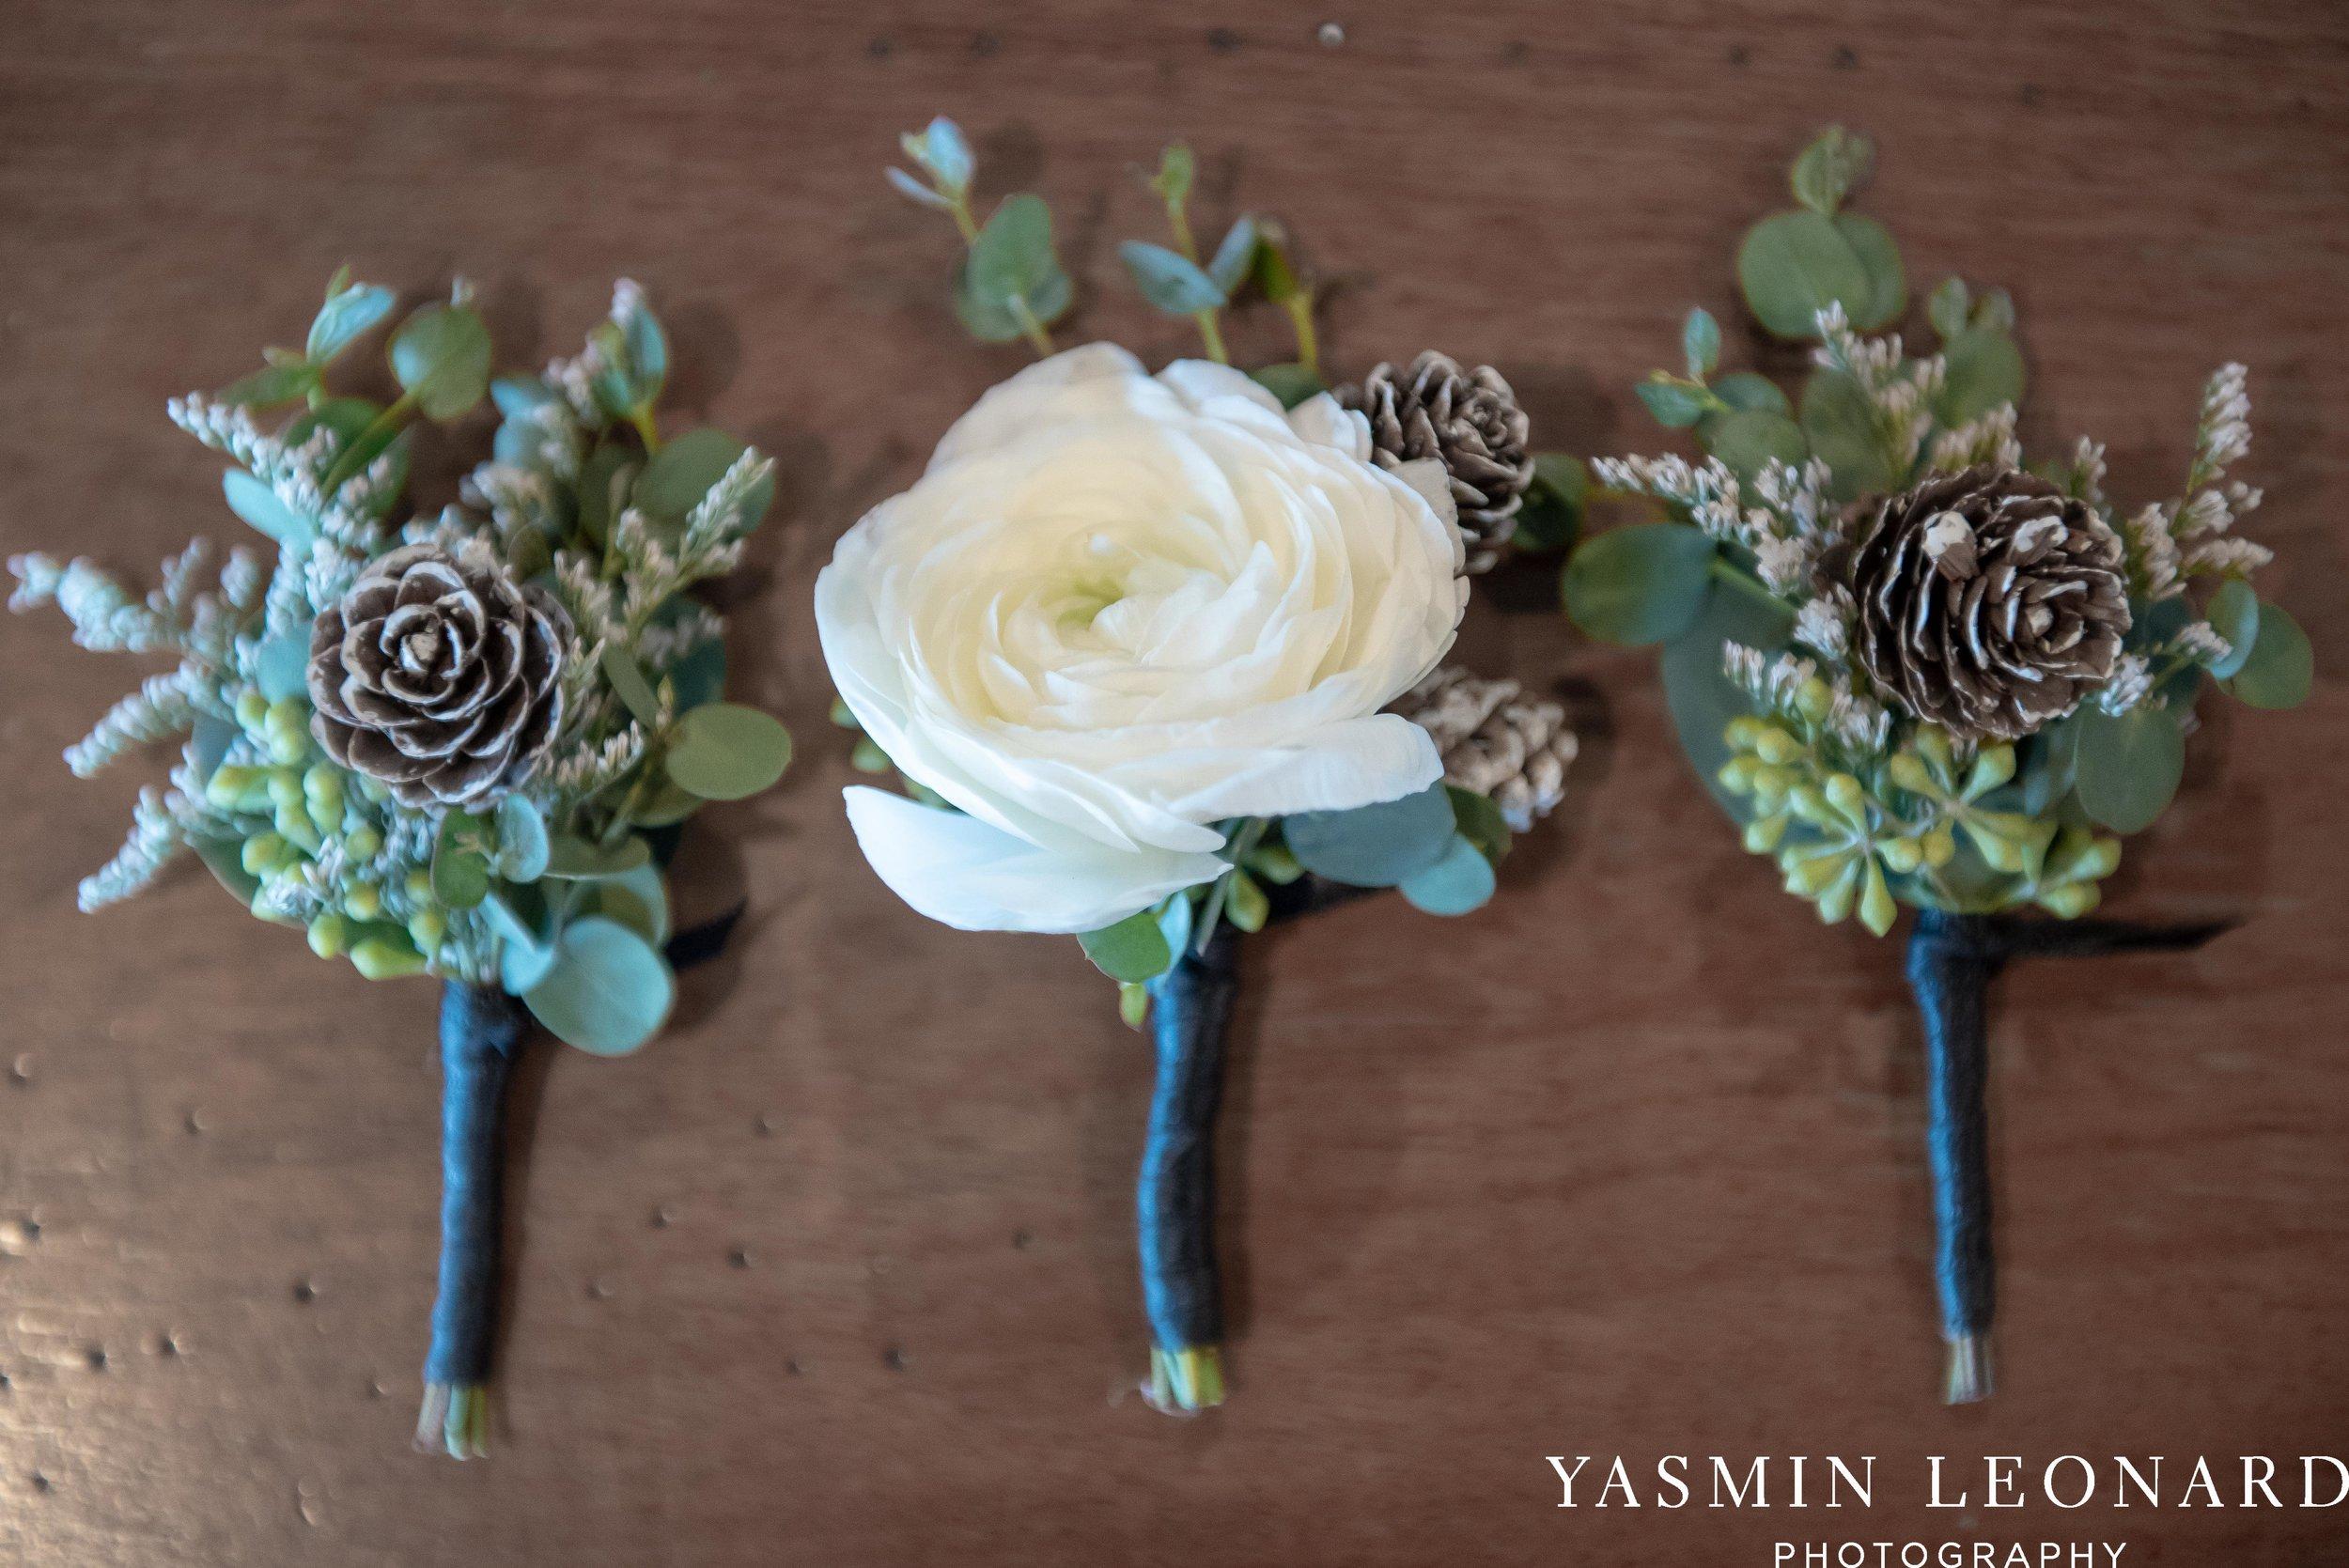 Adaumont Farm - Wesley Memorial Weddings - High Point Weddings - Just Priceless - NC Wedding Photographer - Yasmin Leonard Photography - High Point Wedding Vendors-6.jpg